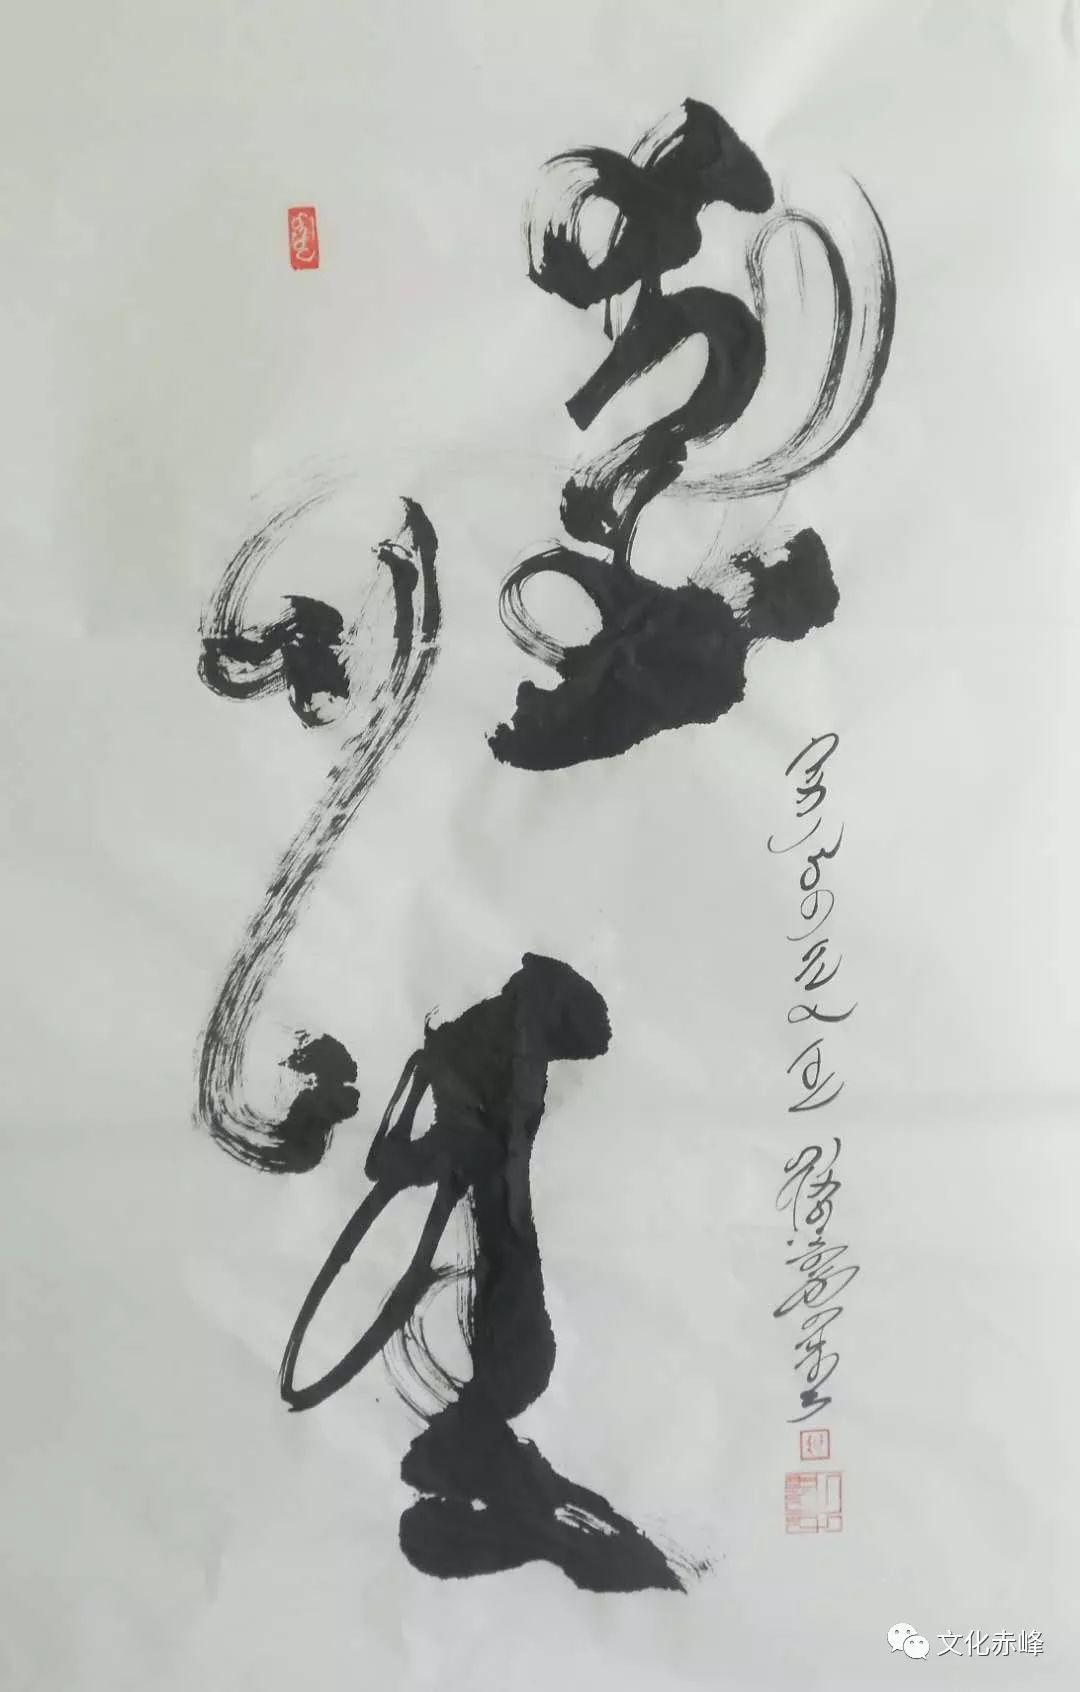 【文化赤峰】额尔敦巴图蒙古文书法作品欣赏! 第7张